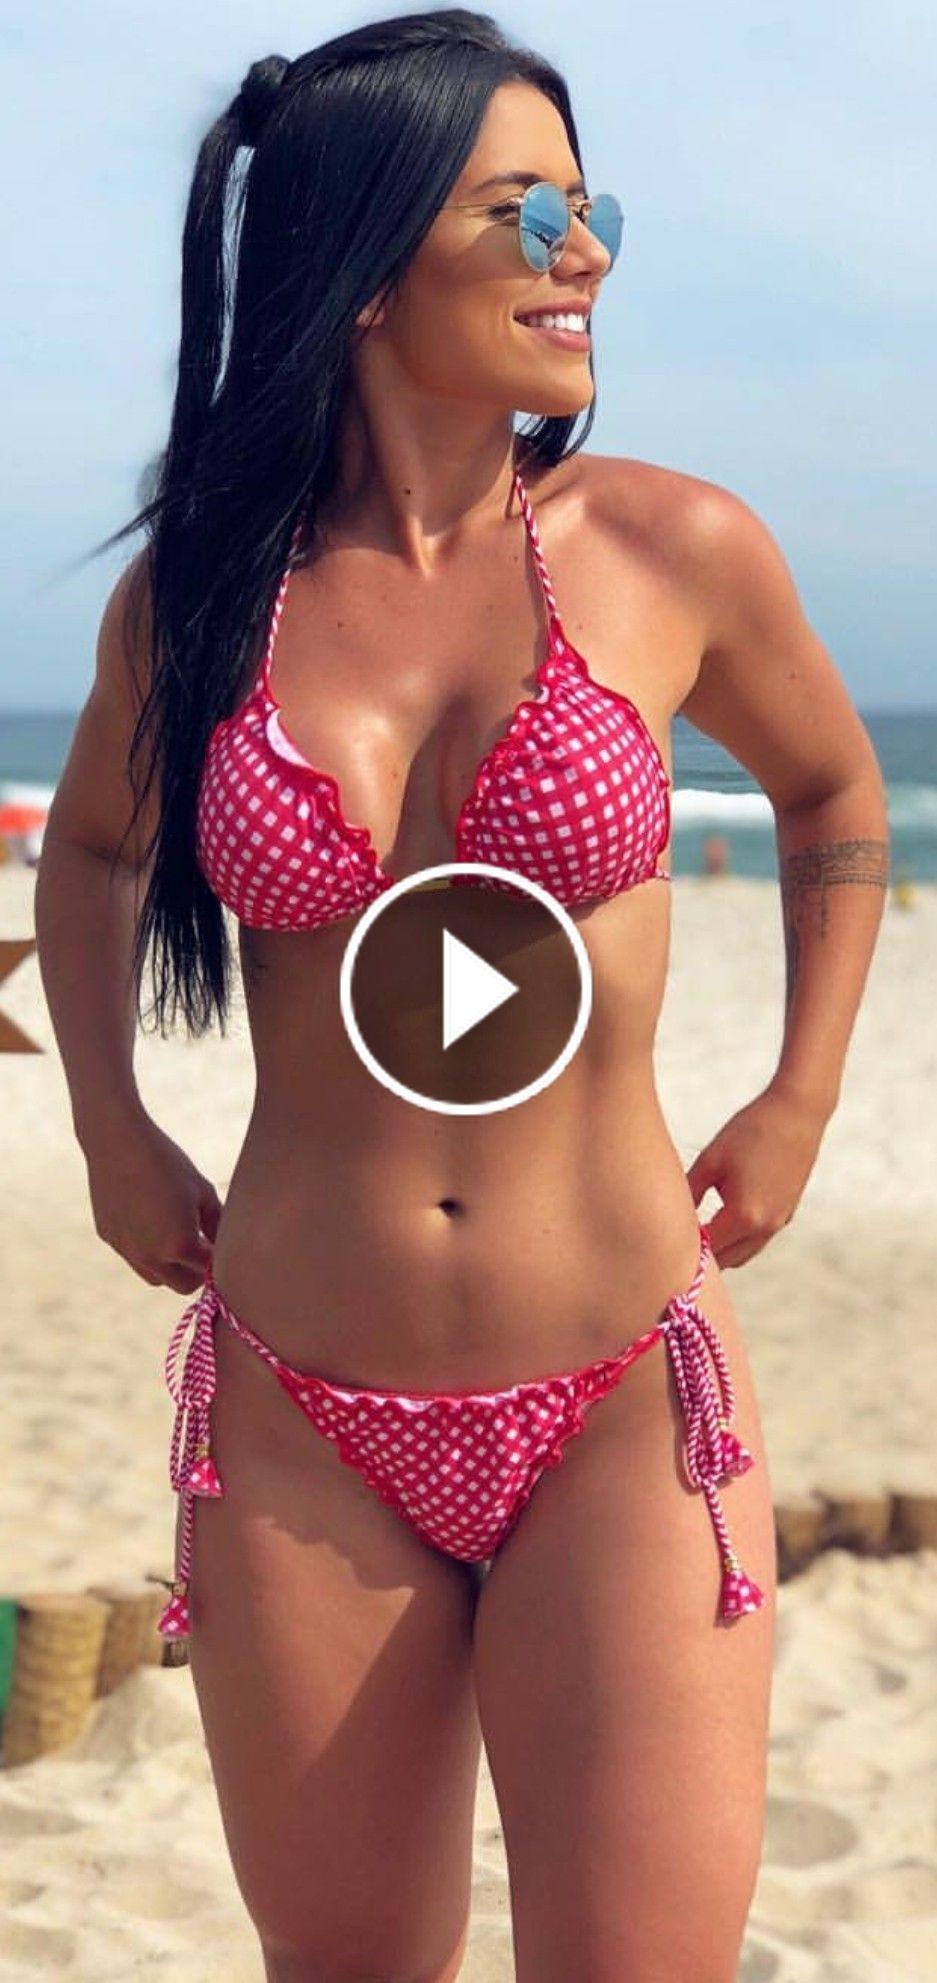 18  Adults Only2019  Hot Beautiful Bikini   Girl -2496